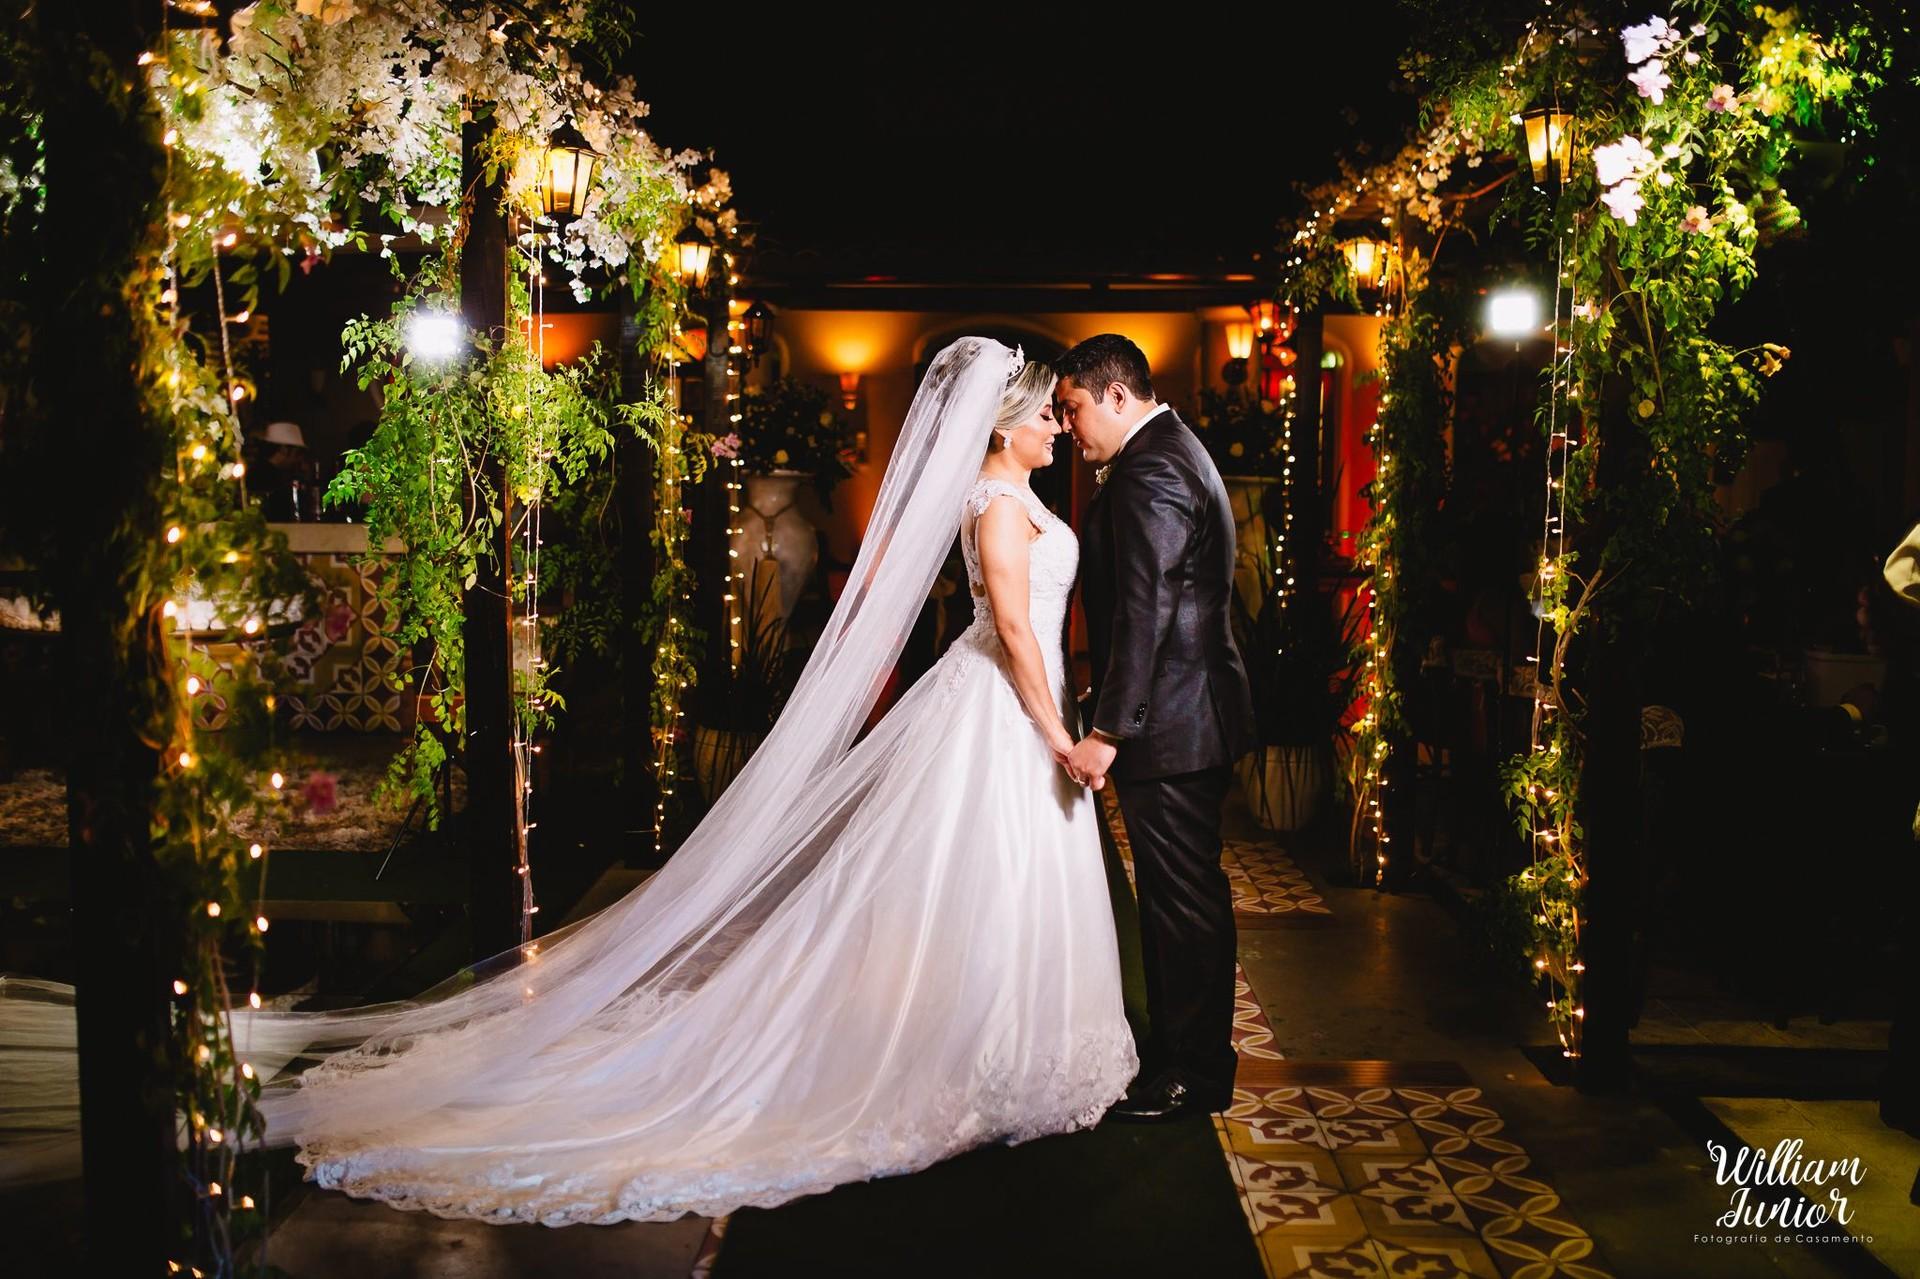 Imagem capa - Como economizar na sua festa de casamento e garantir um dia perfeito por William Junior Fotografia